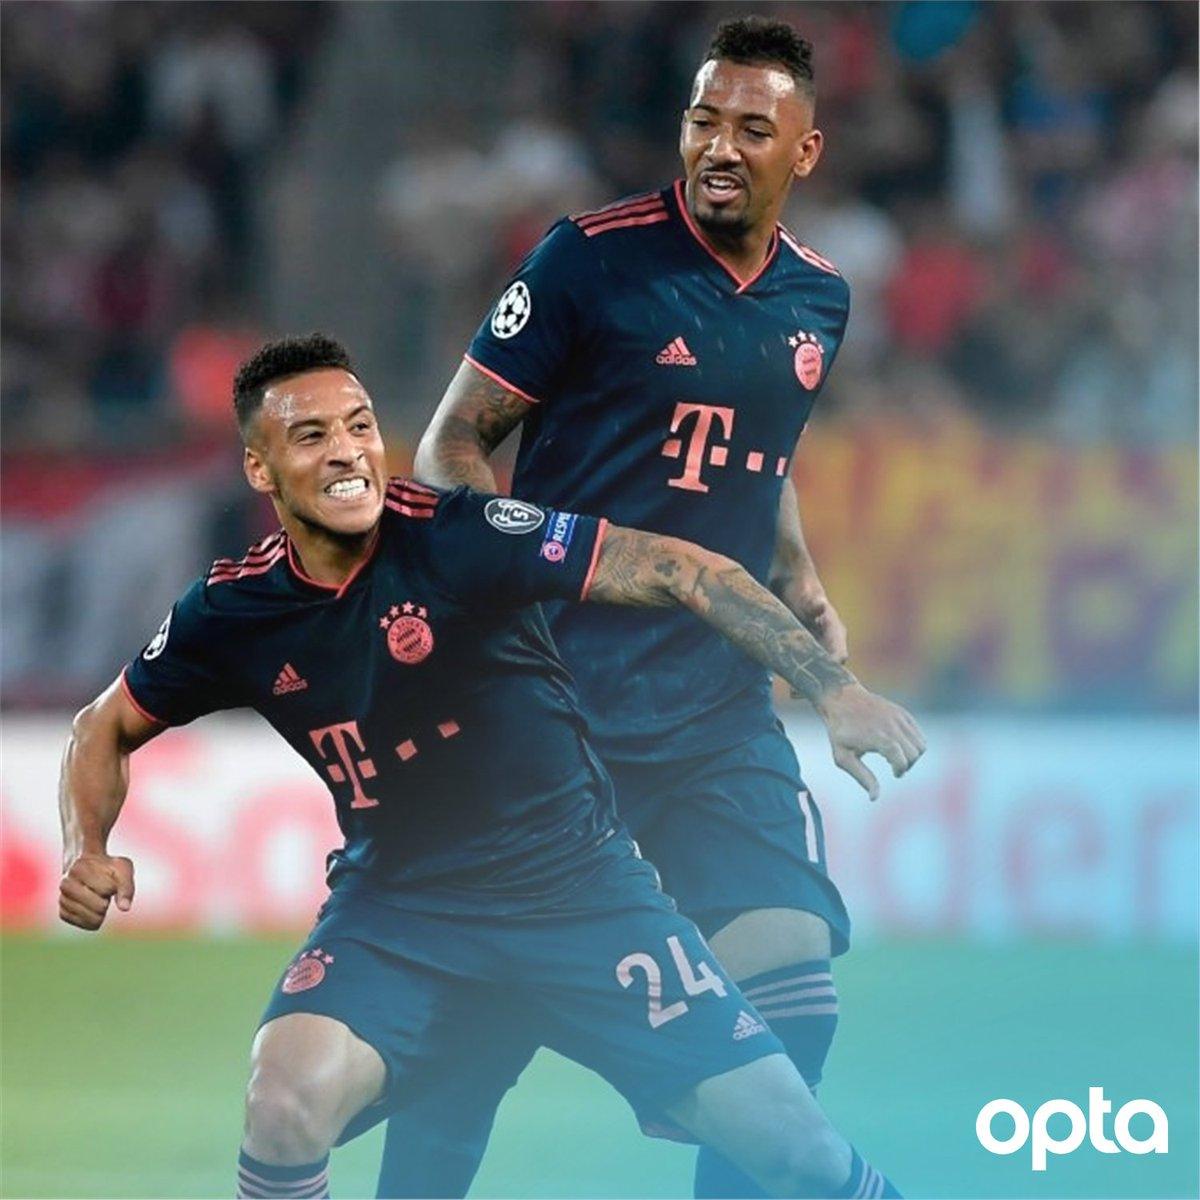 魔鬼主场也不怕!拜仁欧冠客场11场不败,创队史新纪录